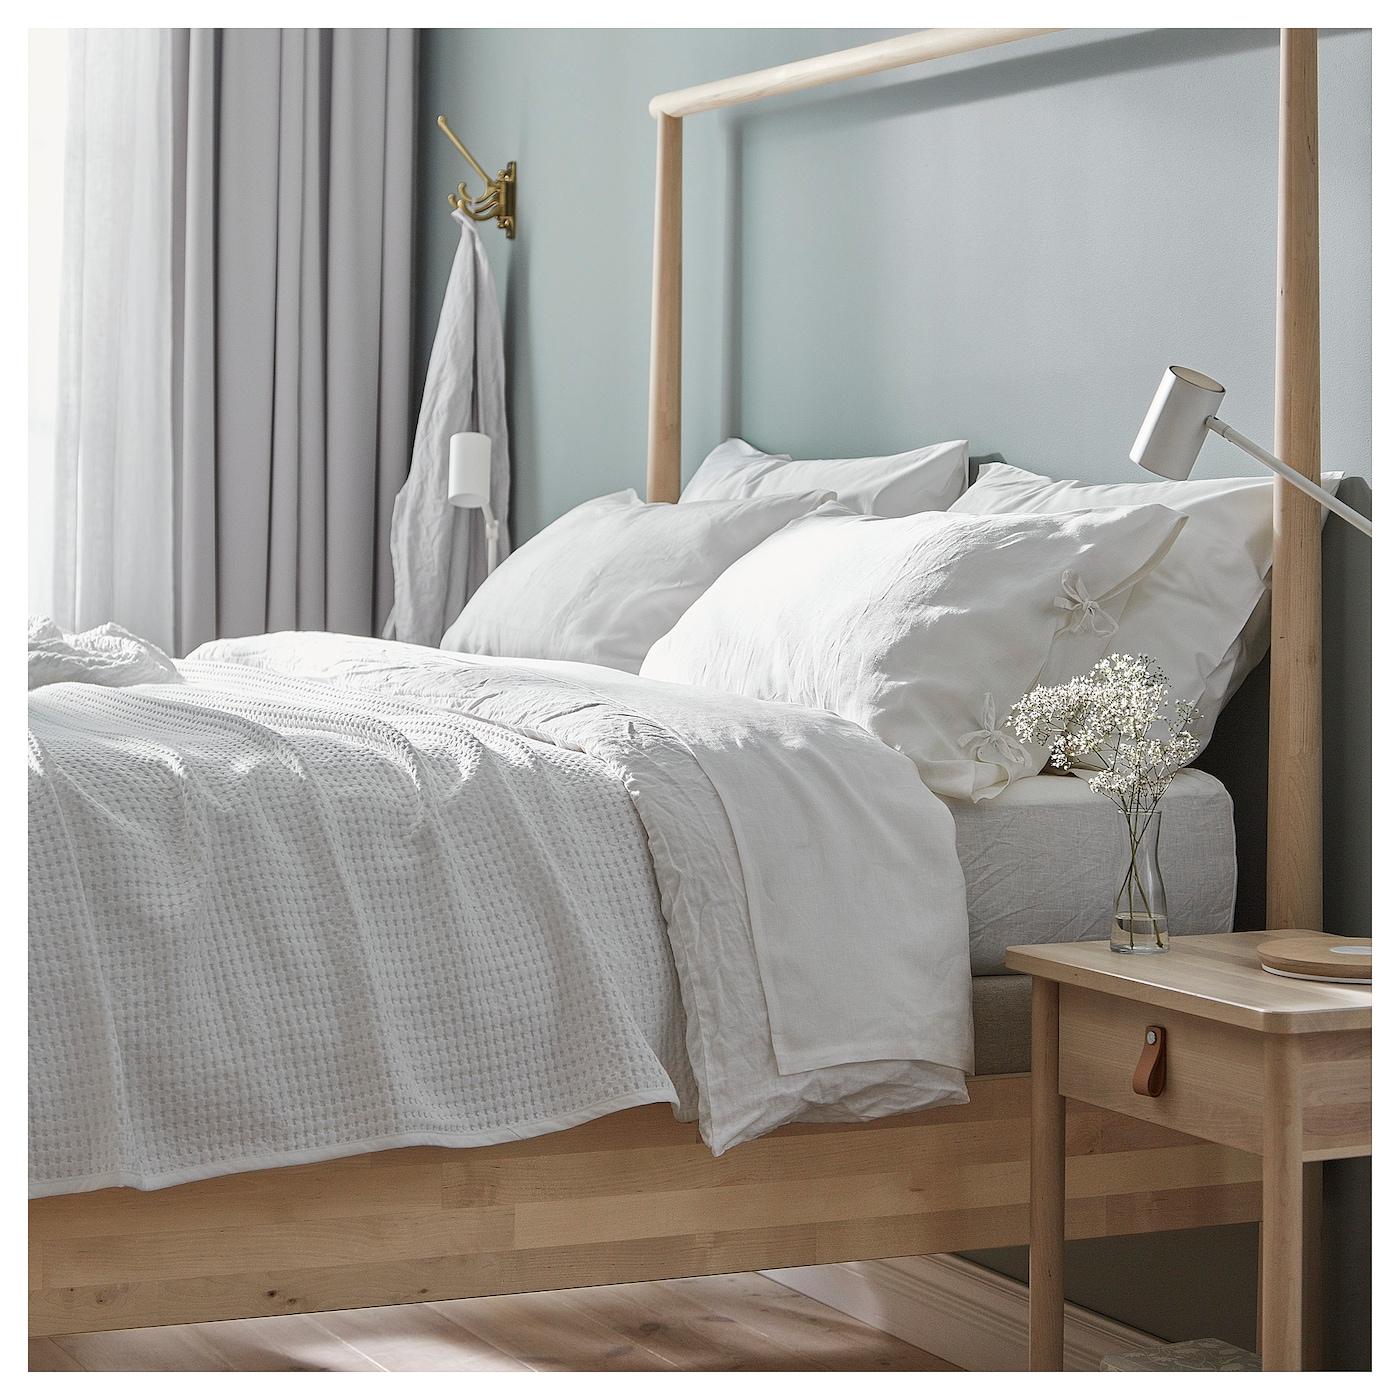 gj ra cadre de lit bouleau 140 x 200 cm ikea